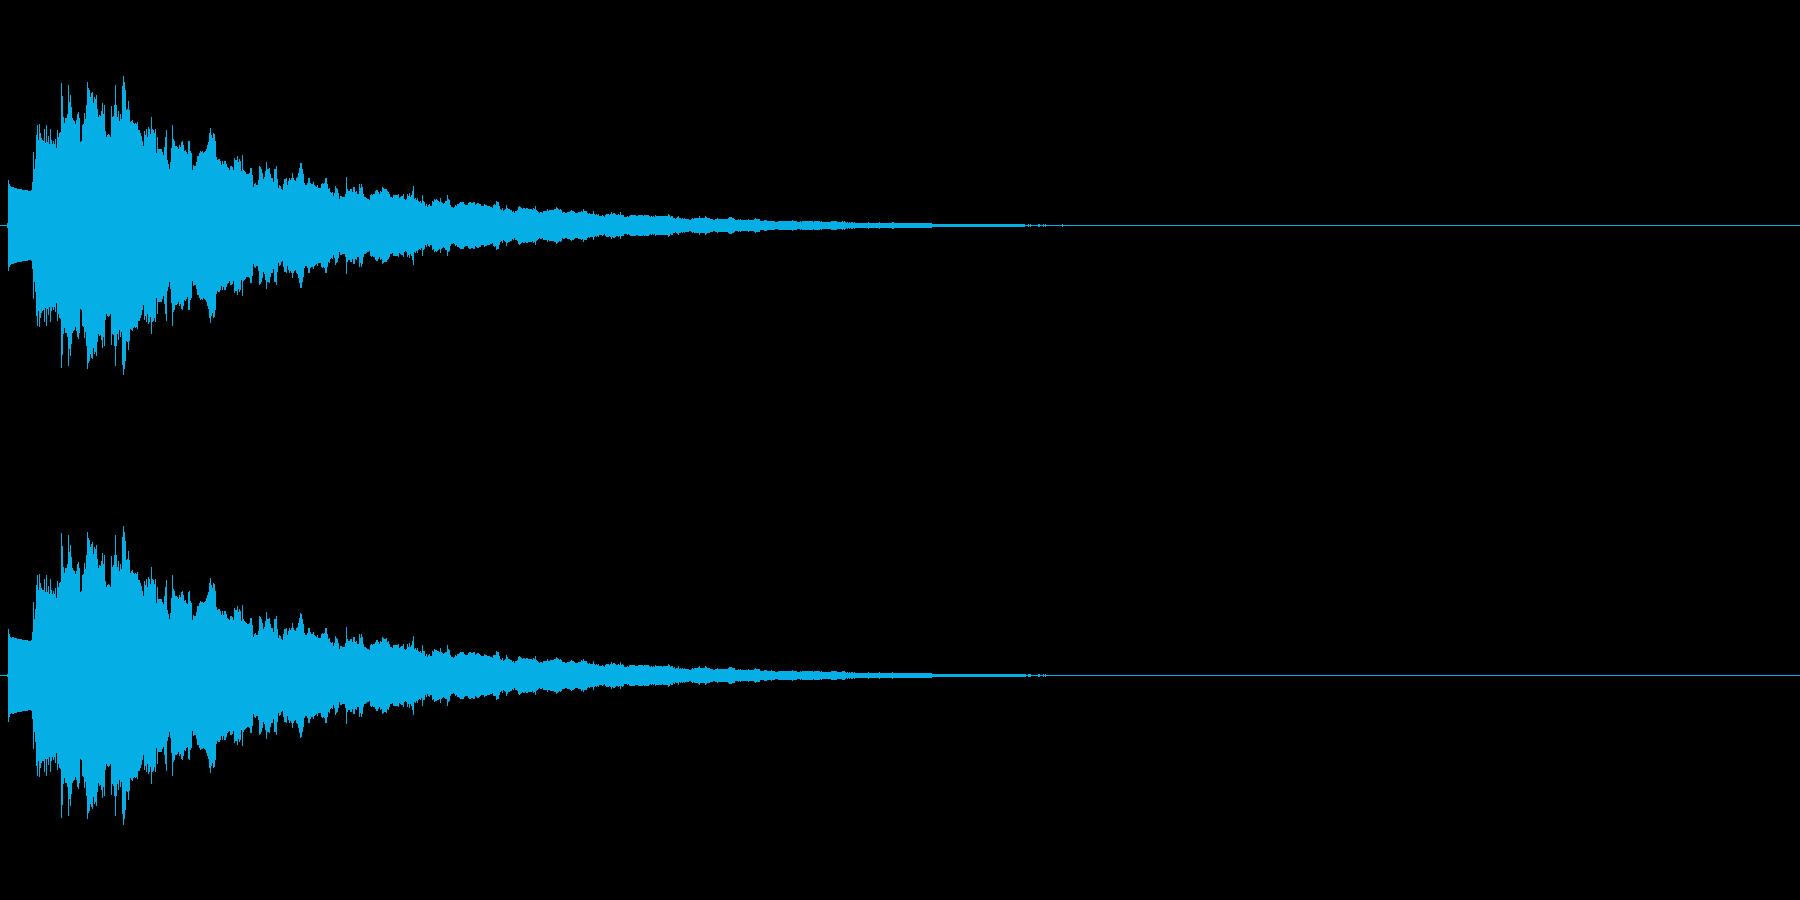 キラキラ…(決定音、綺麗、下降)の再生済みの波形